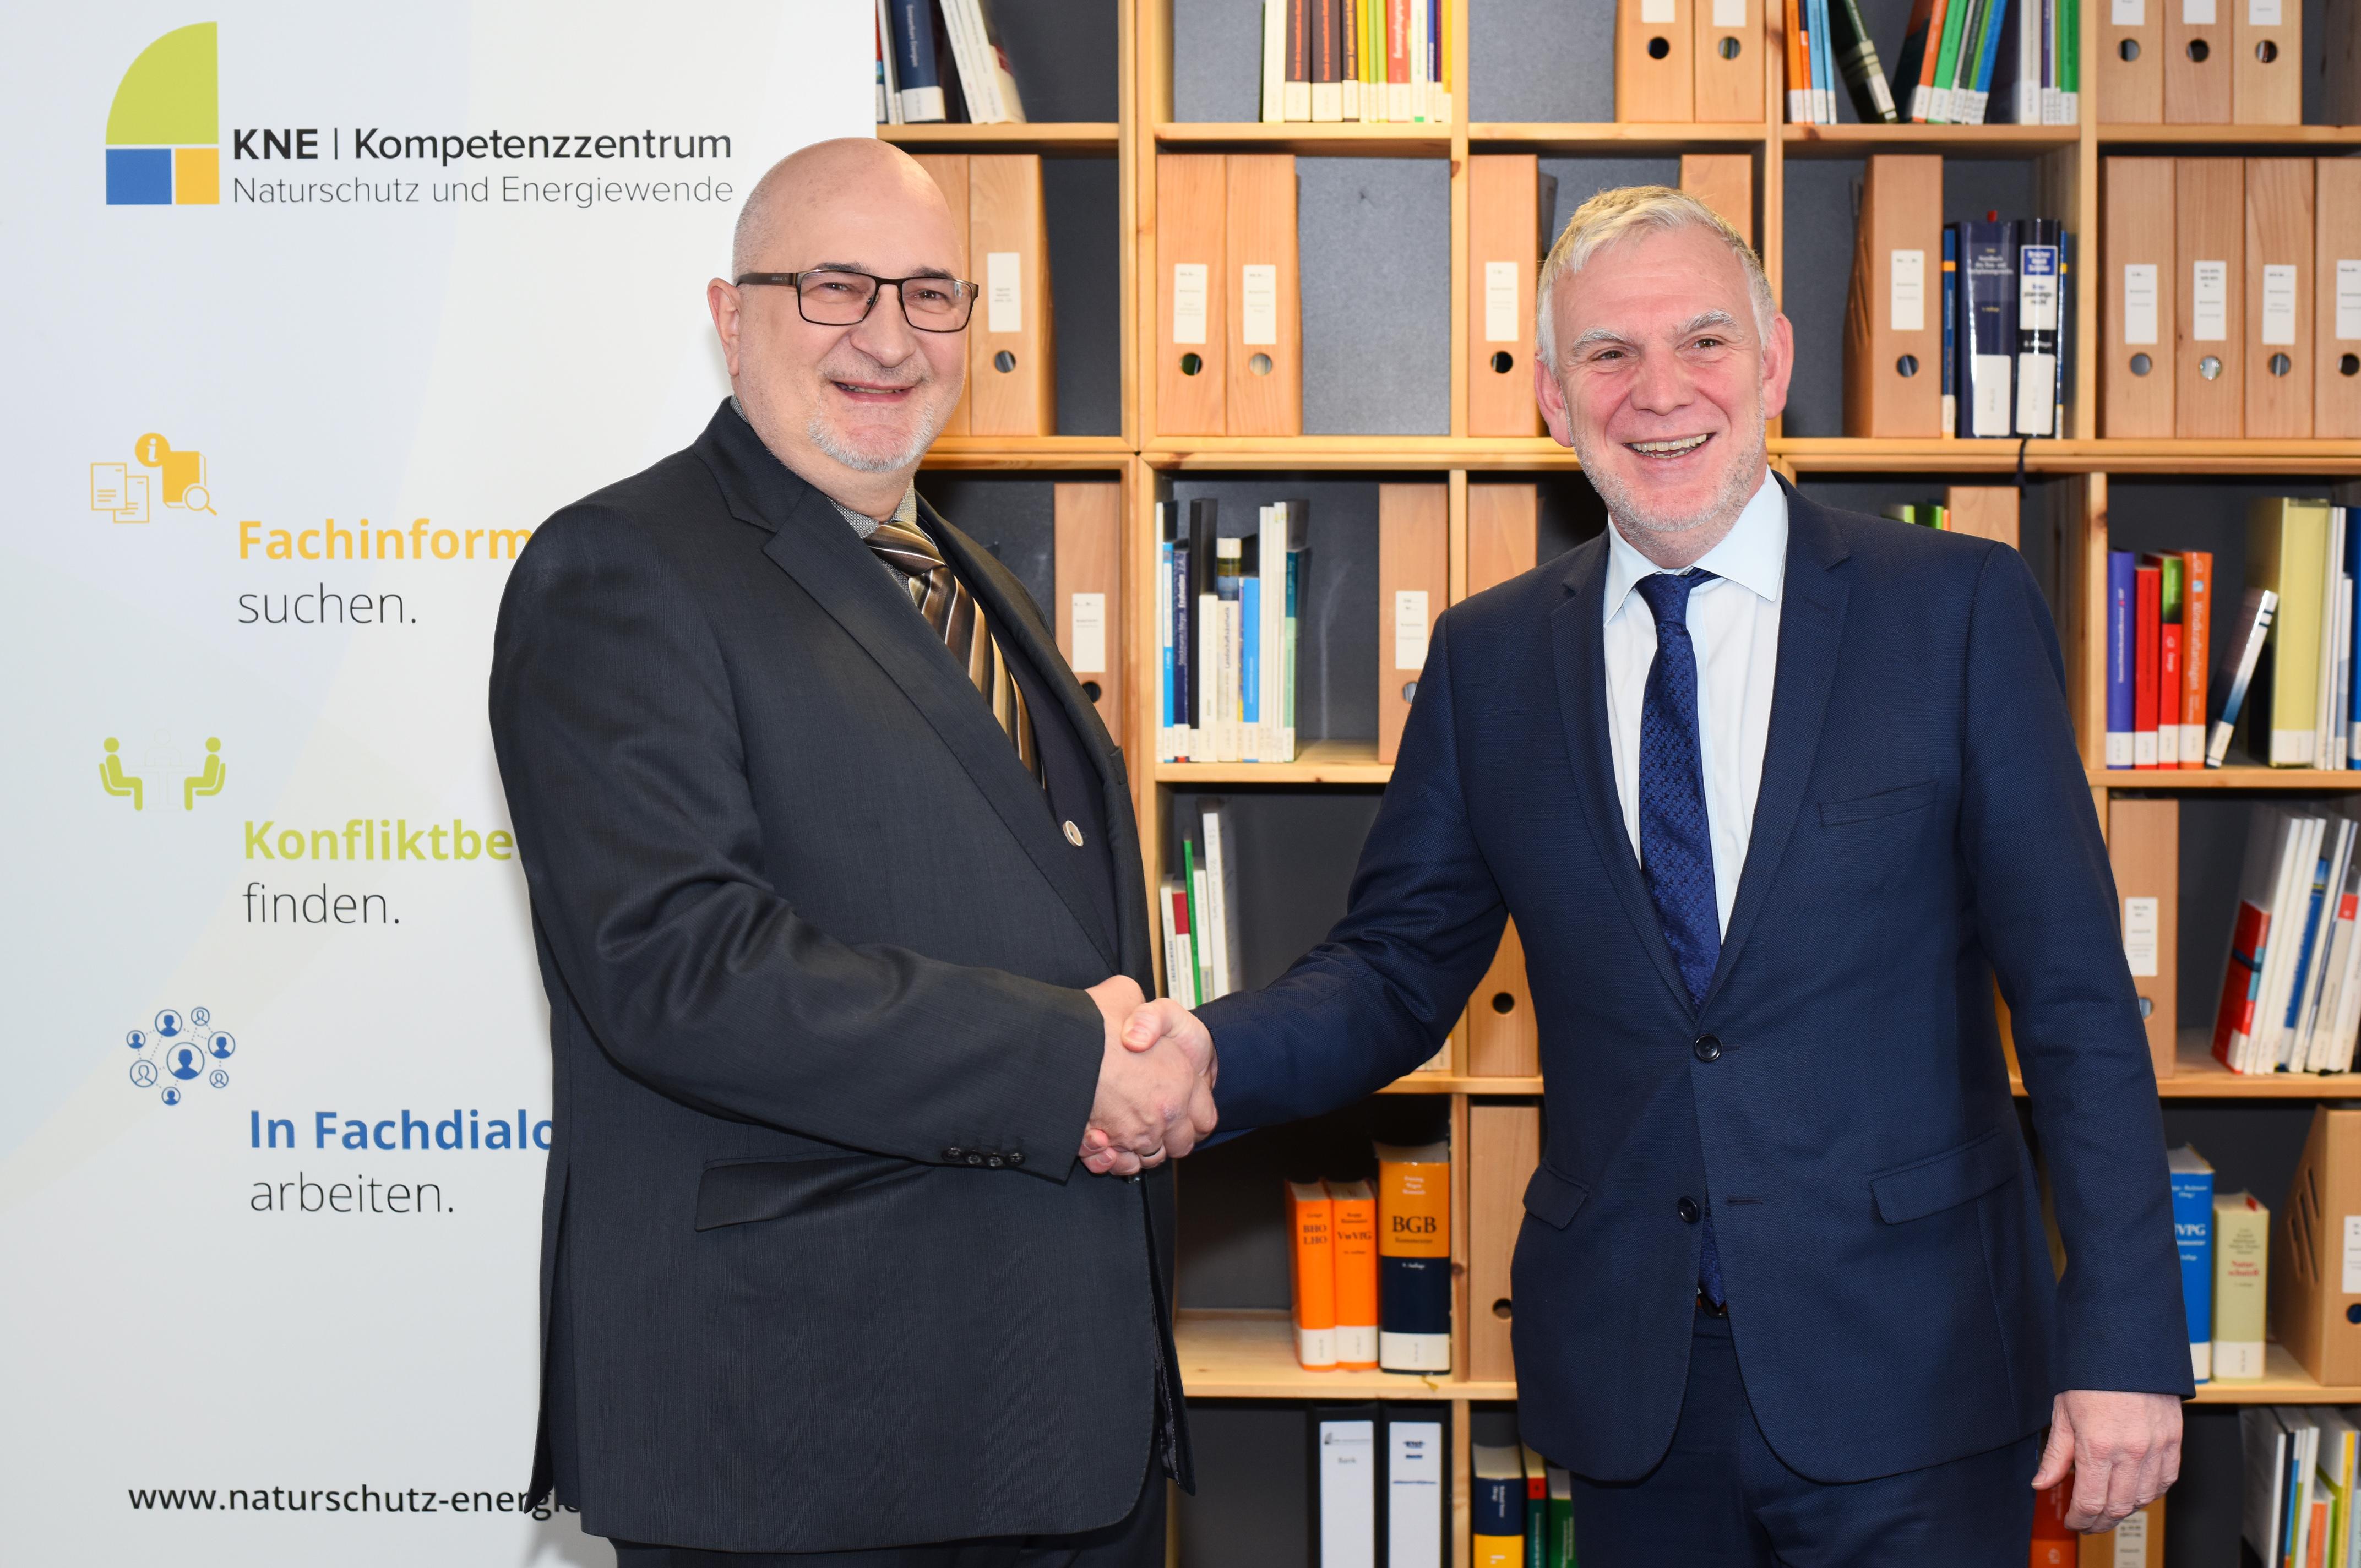 Staatssekretär Jochen Flasbarth (BMUB) zu Besuch im KNE